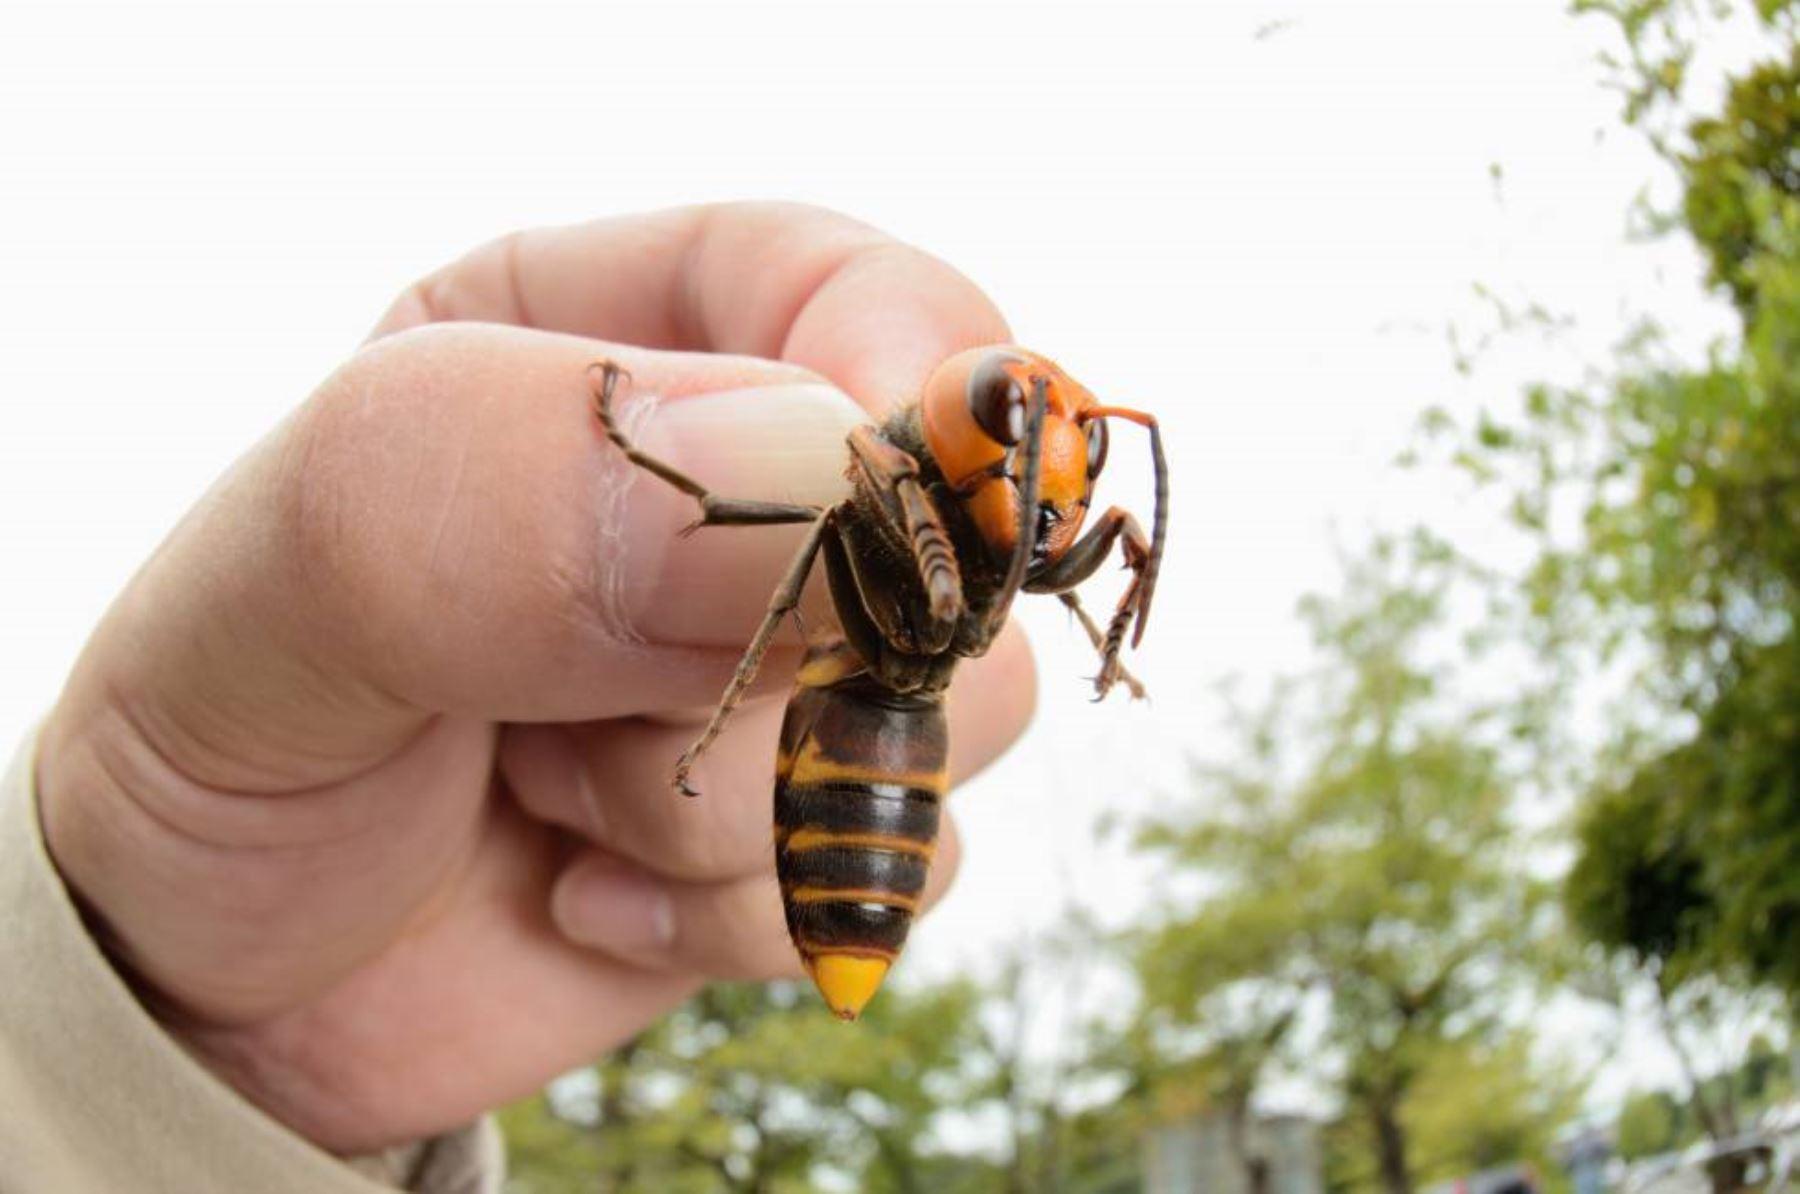 Estos insectos, con ojos enormes y una picadura venenosa, se caracterizan por decapitar a las abejas y llevar su cuerpo acéfalo como comida de sus crías. Foto: Internet